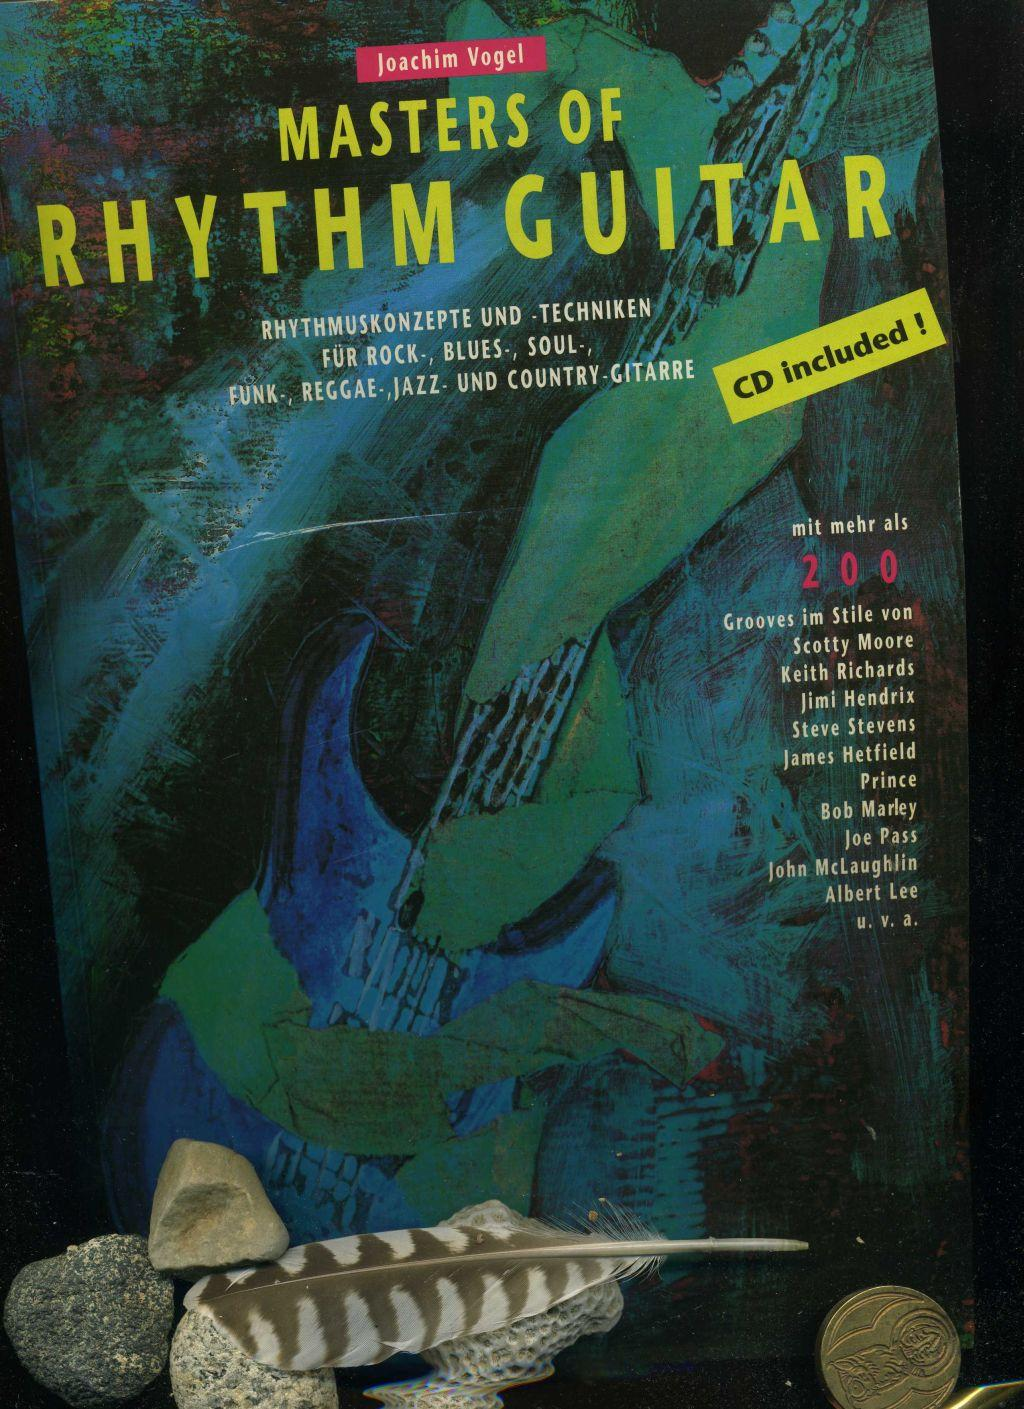 Masters of Rhythm Guitar: Rhythmuskonzepte und -Techniken: Joachim Vogel: